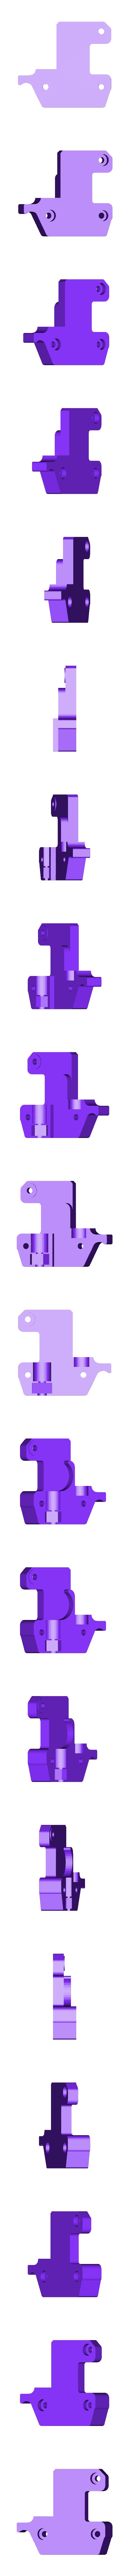 Top_2.stl Télécharger fichier STL gratuit Amélioration de l'extrudeuse Velleman vertex3d K8400 - pointe bowden • Modèle pour impression 3D, cyrus